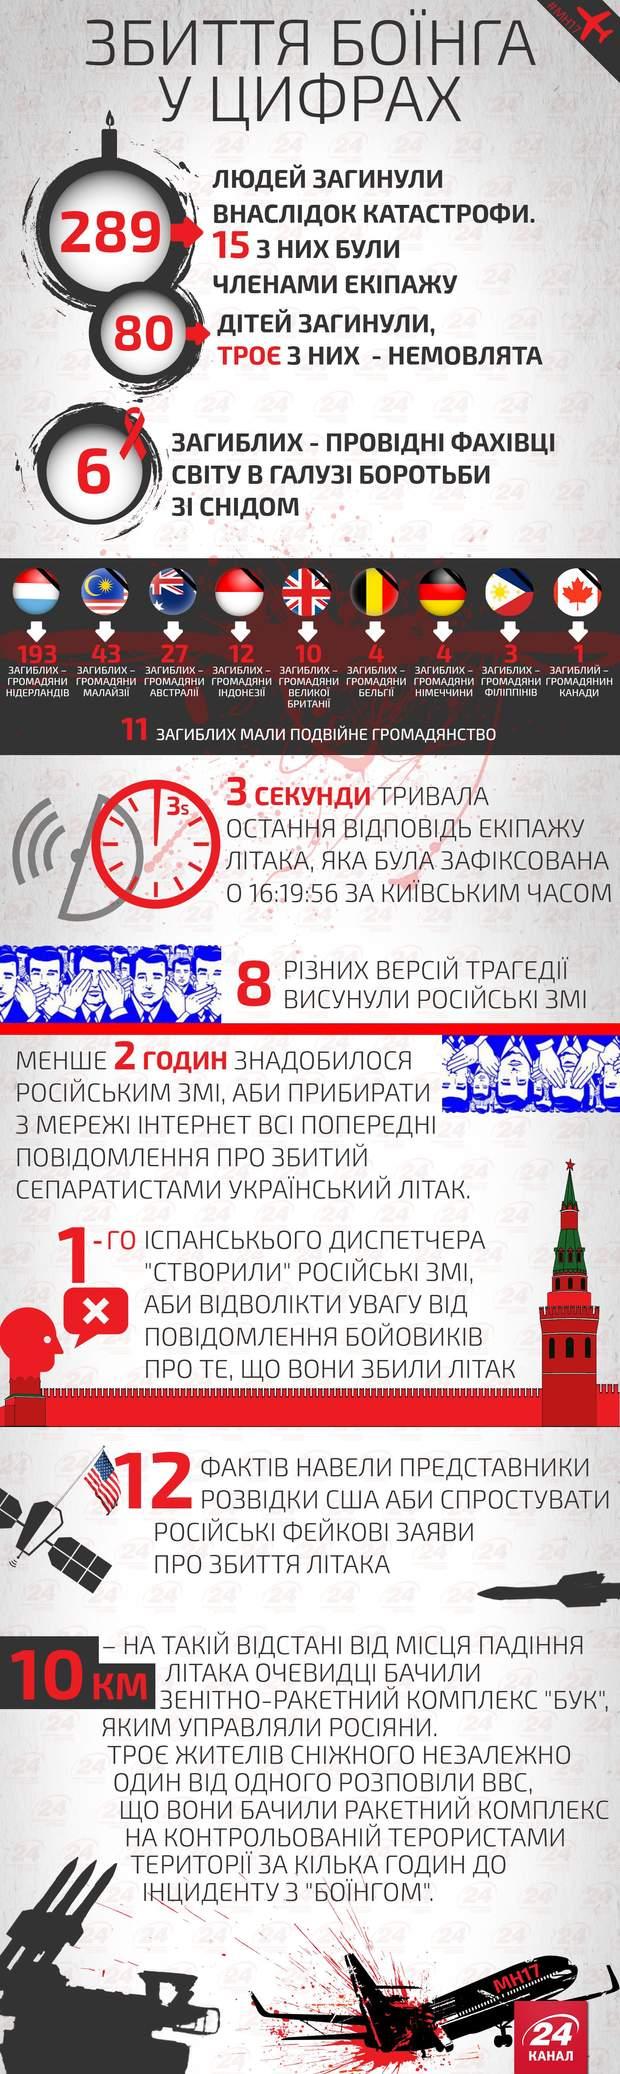 збиття боїнга мн17 росія днр донбас жертви україна